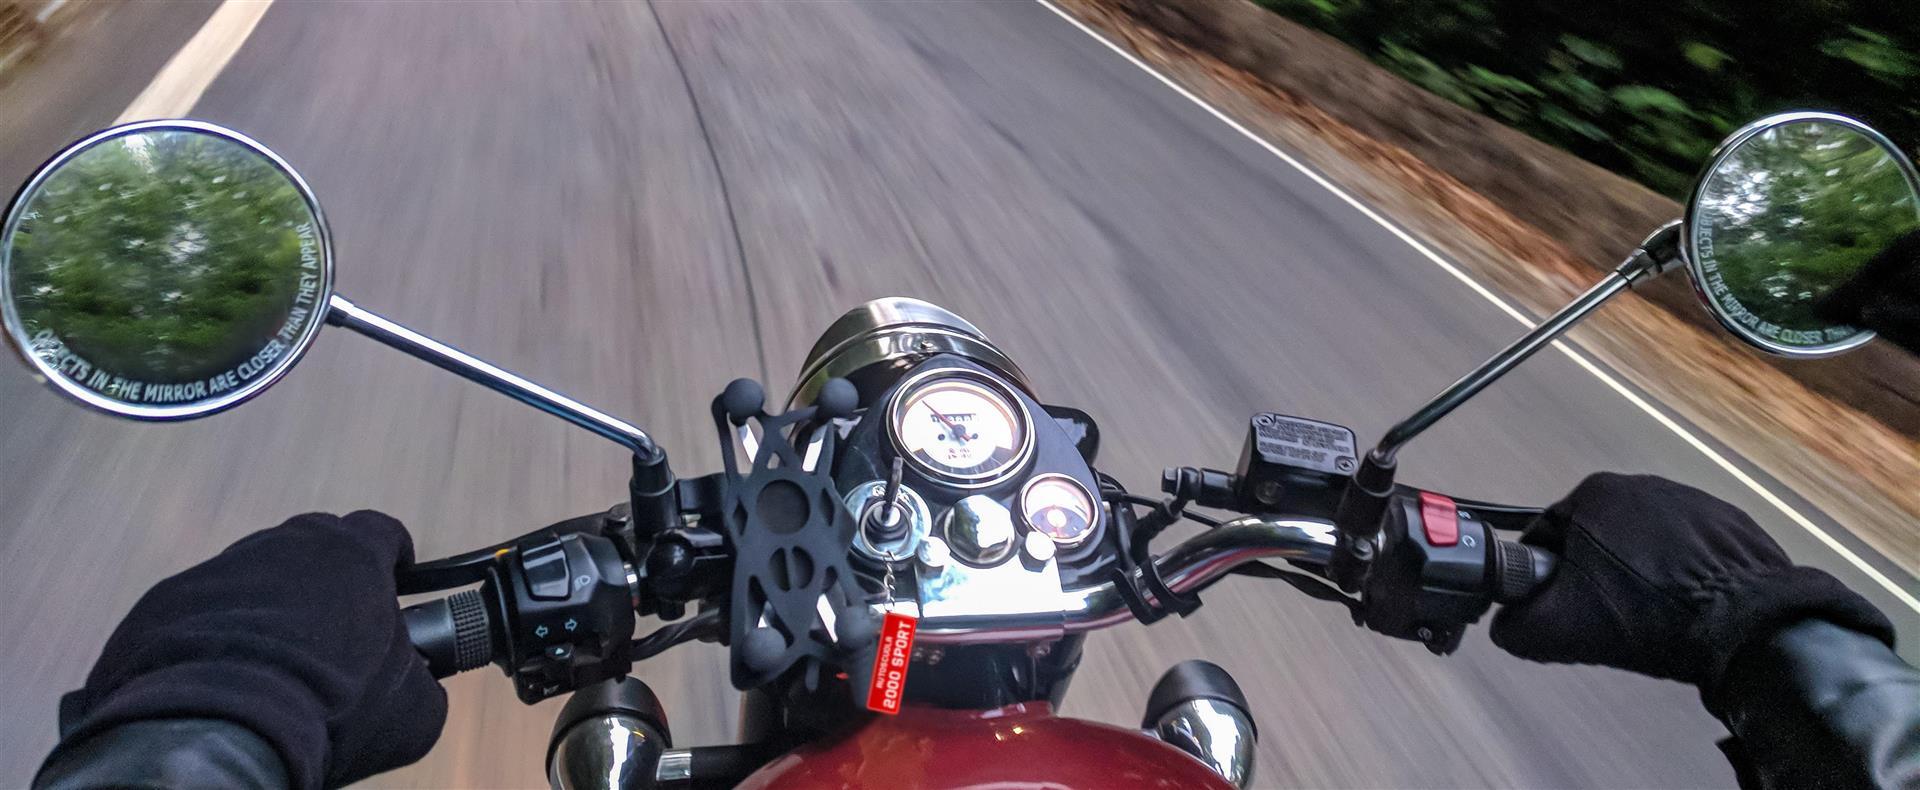 CORSI PATENTI MOTO: GRANDE SUCCESSO DI ISCRIZIONI Ultimi posti! Affrettatevi: imparerete a guidare la motocicletta in sicurezza con i nostri istruttori dedicati.